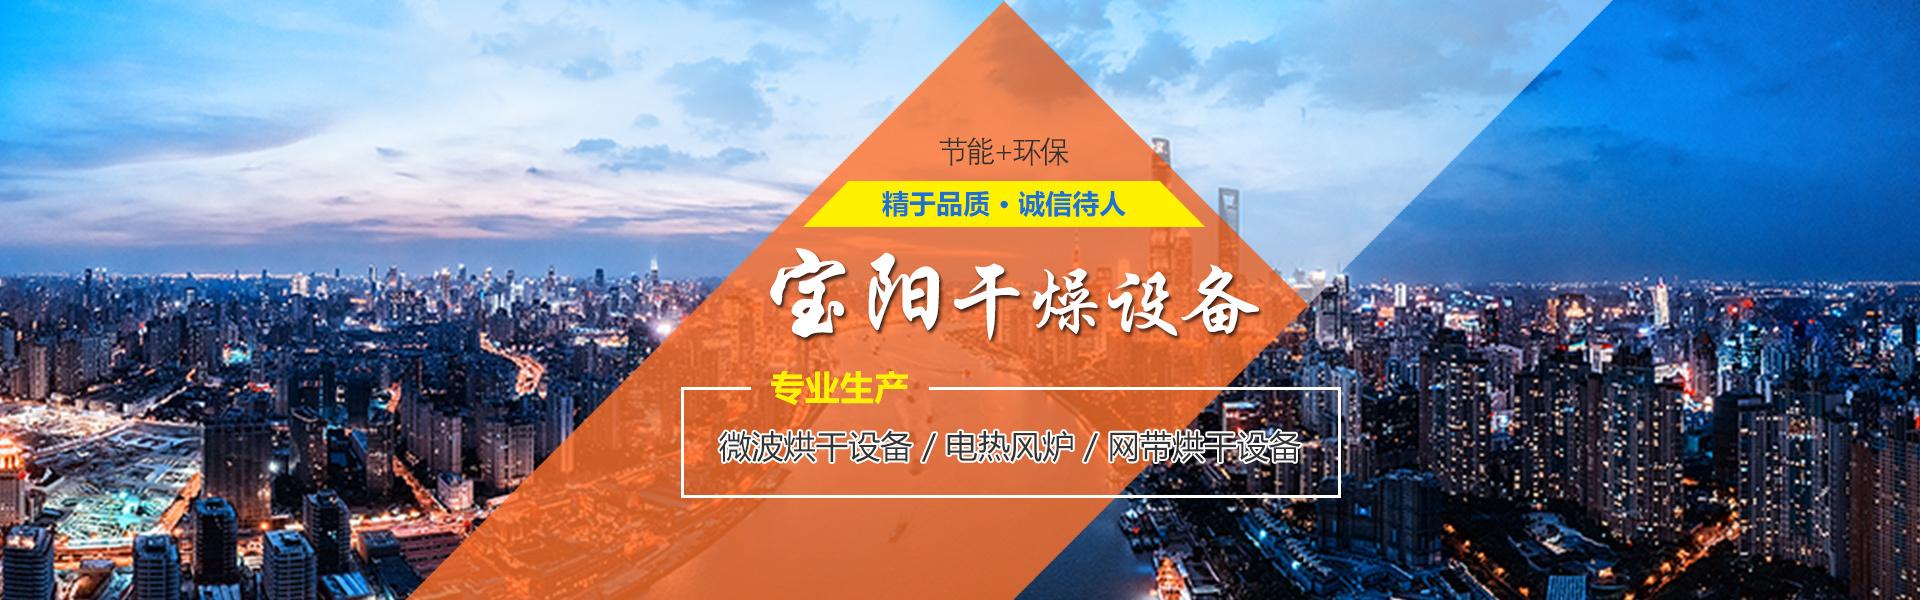 山东宝阳干燥设备科技有限公司产品展示